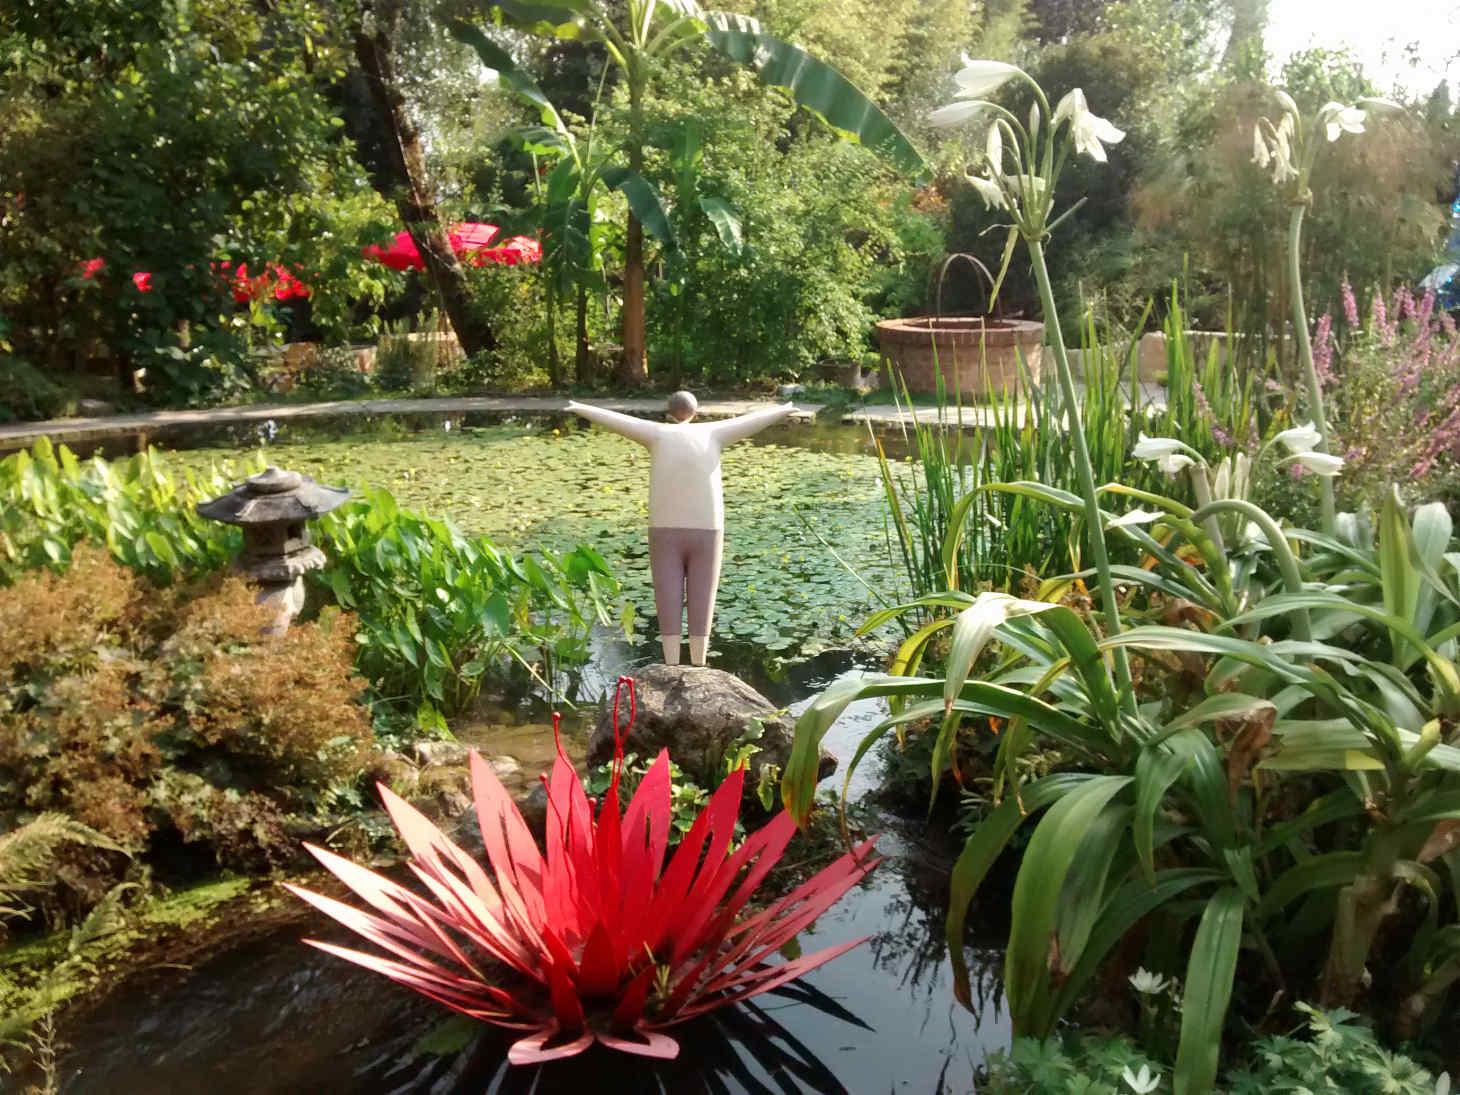 Giardino dei tarocchi: parco dall'architettura onirica